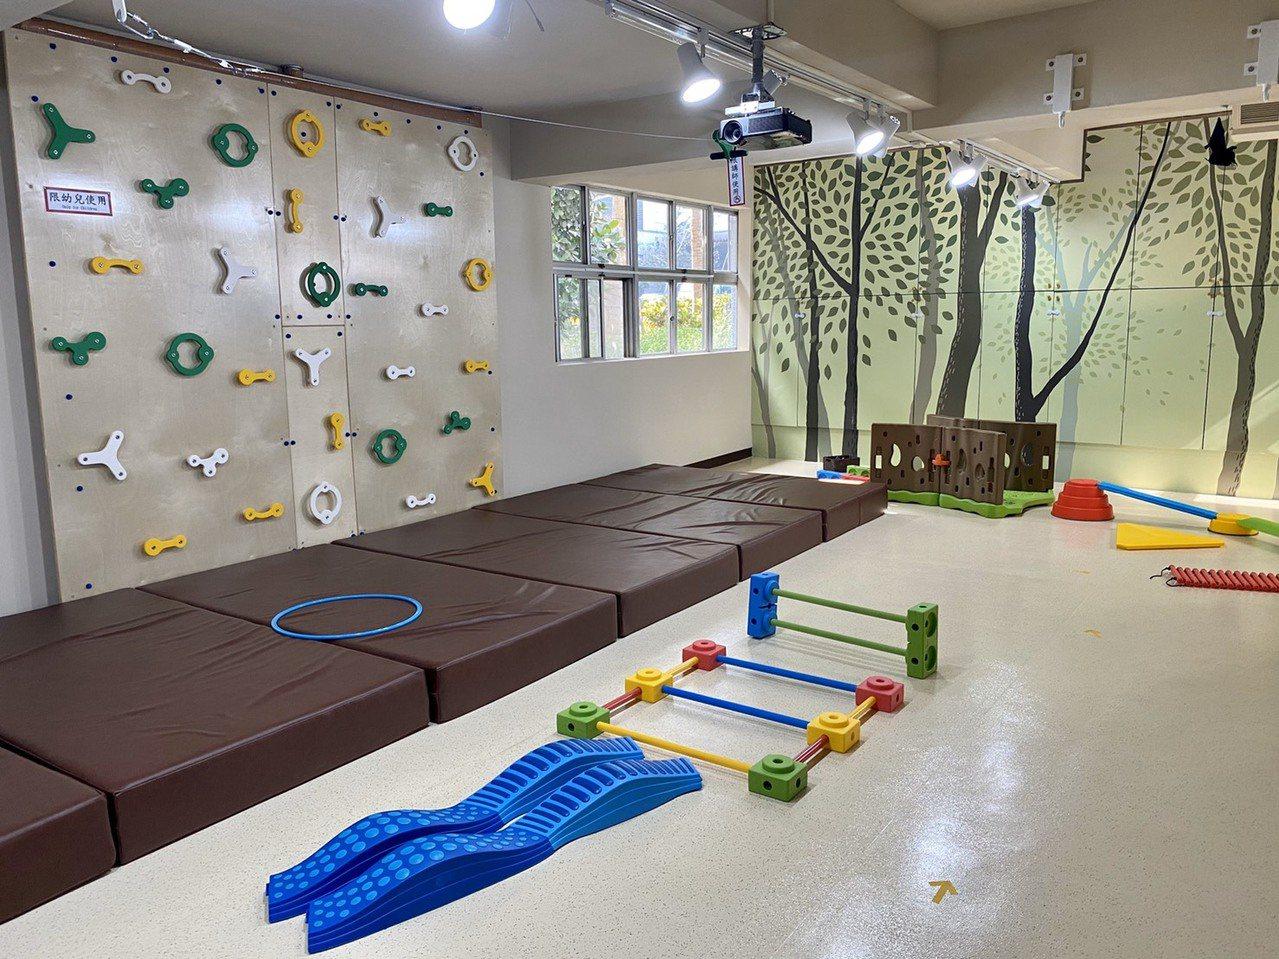 「原野教室」有一片攀岩牆和感覺統合遊具,充分滿足孩子攀爬、奔跑、跳躍以及四處探索...